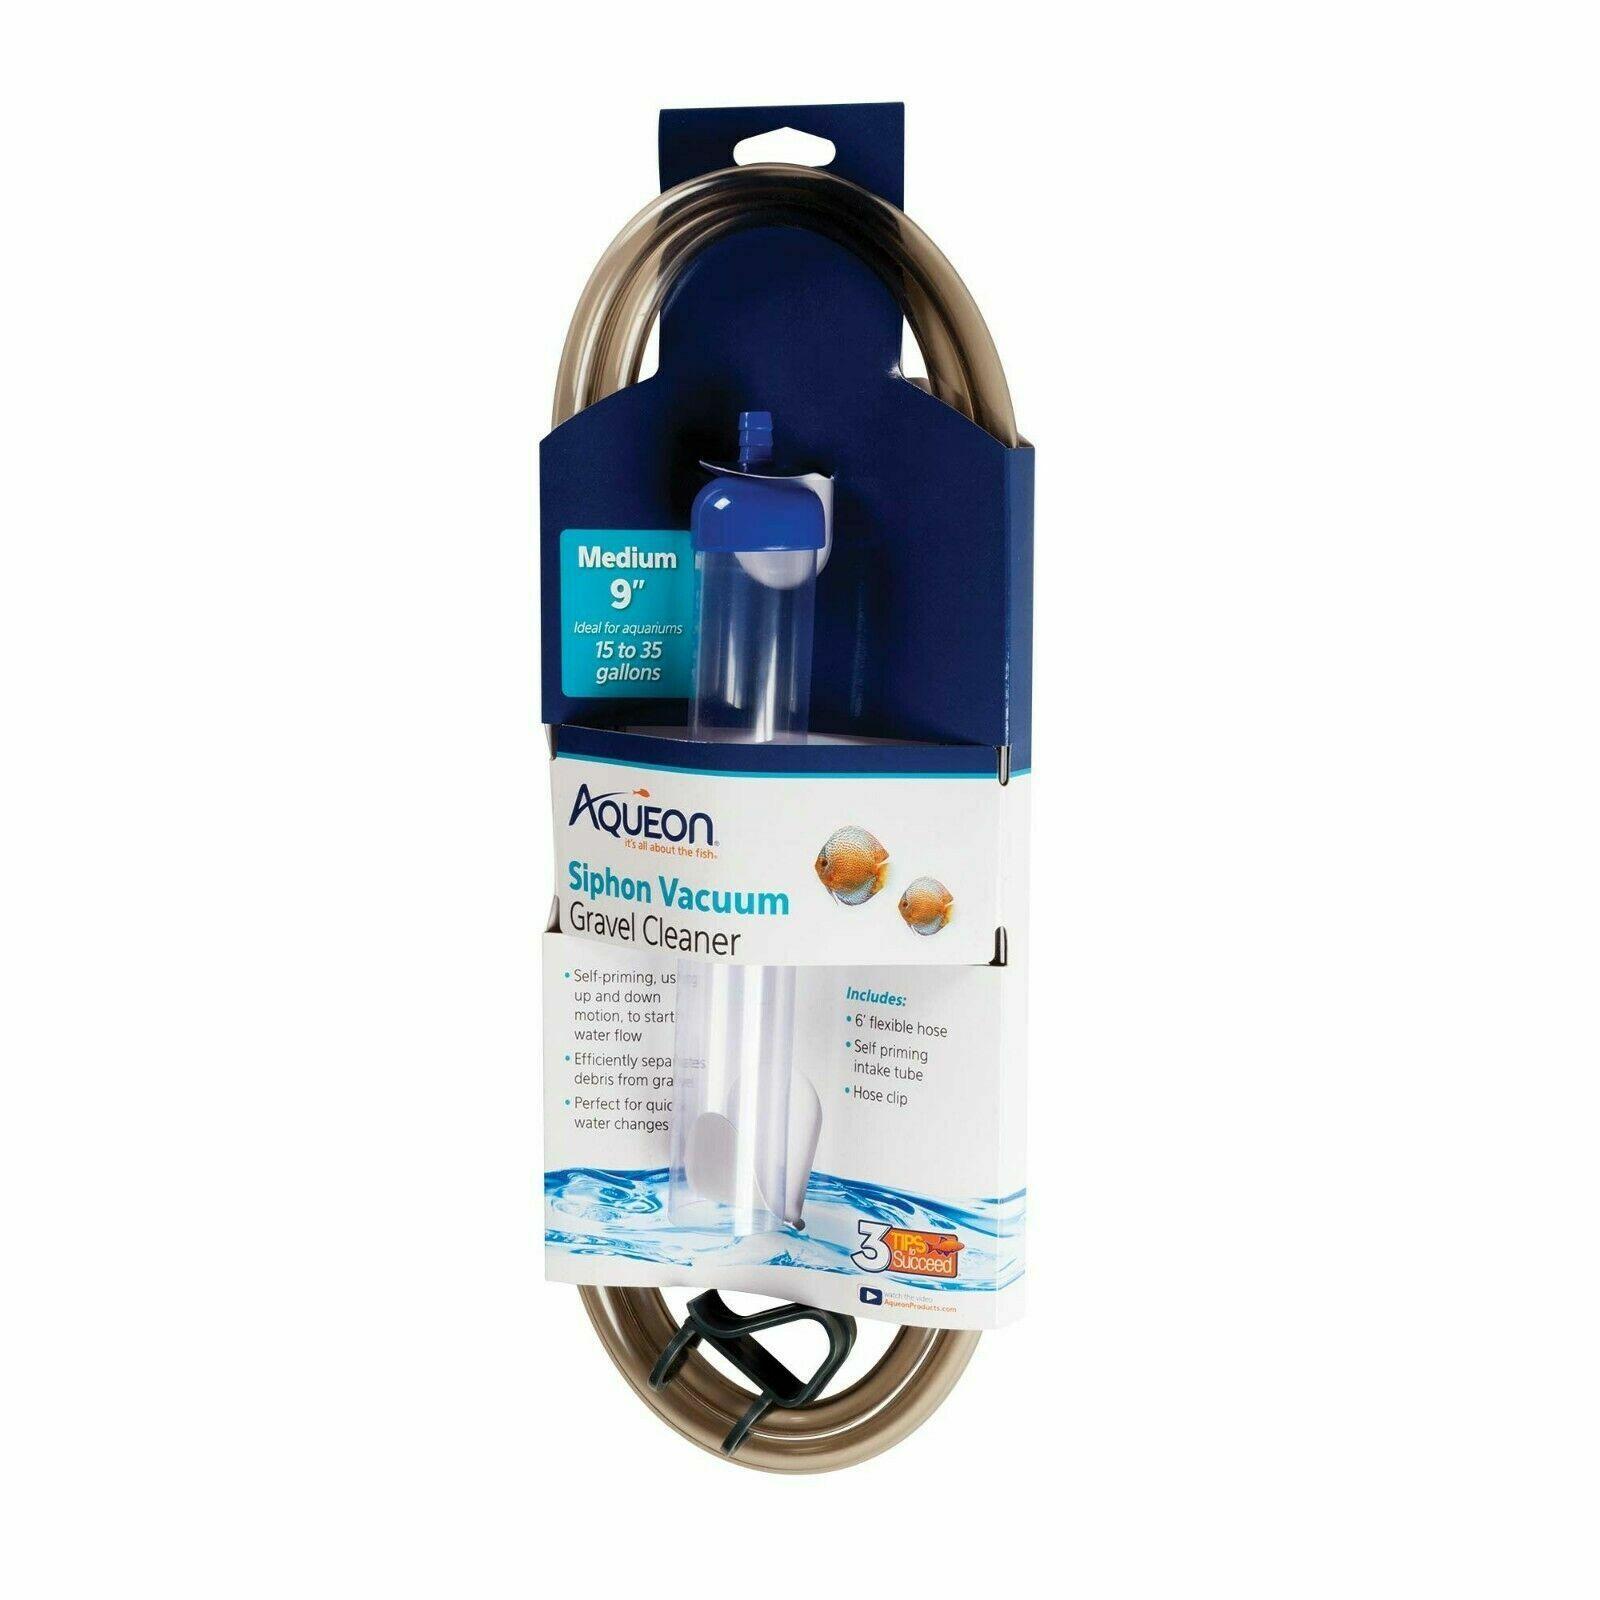 aqueon-siphon-vacuum-aquarium-gravel-cleaner-medium-for-15-35-gallon-fish-tank